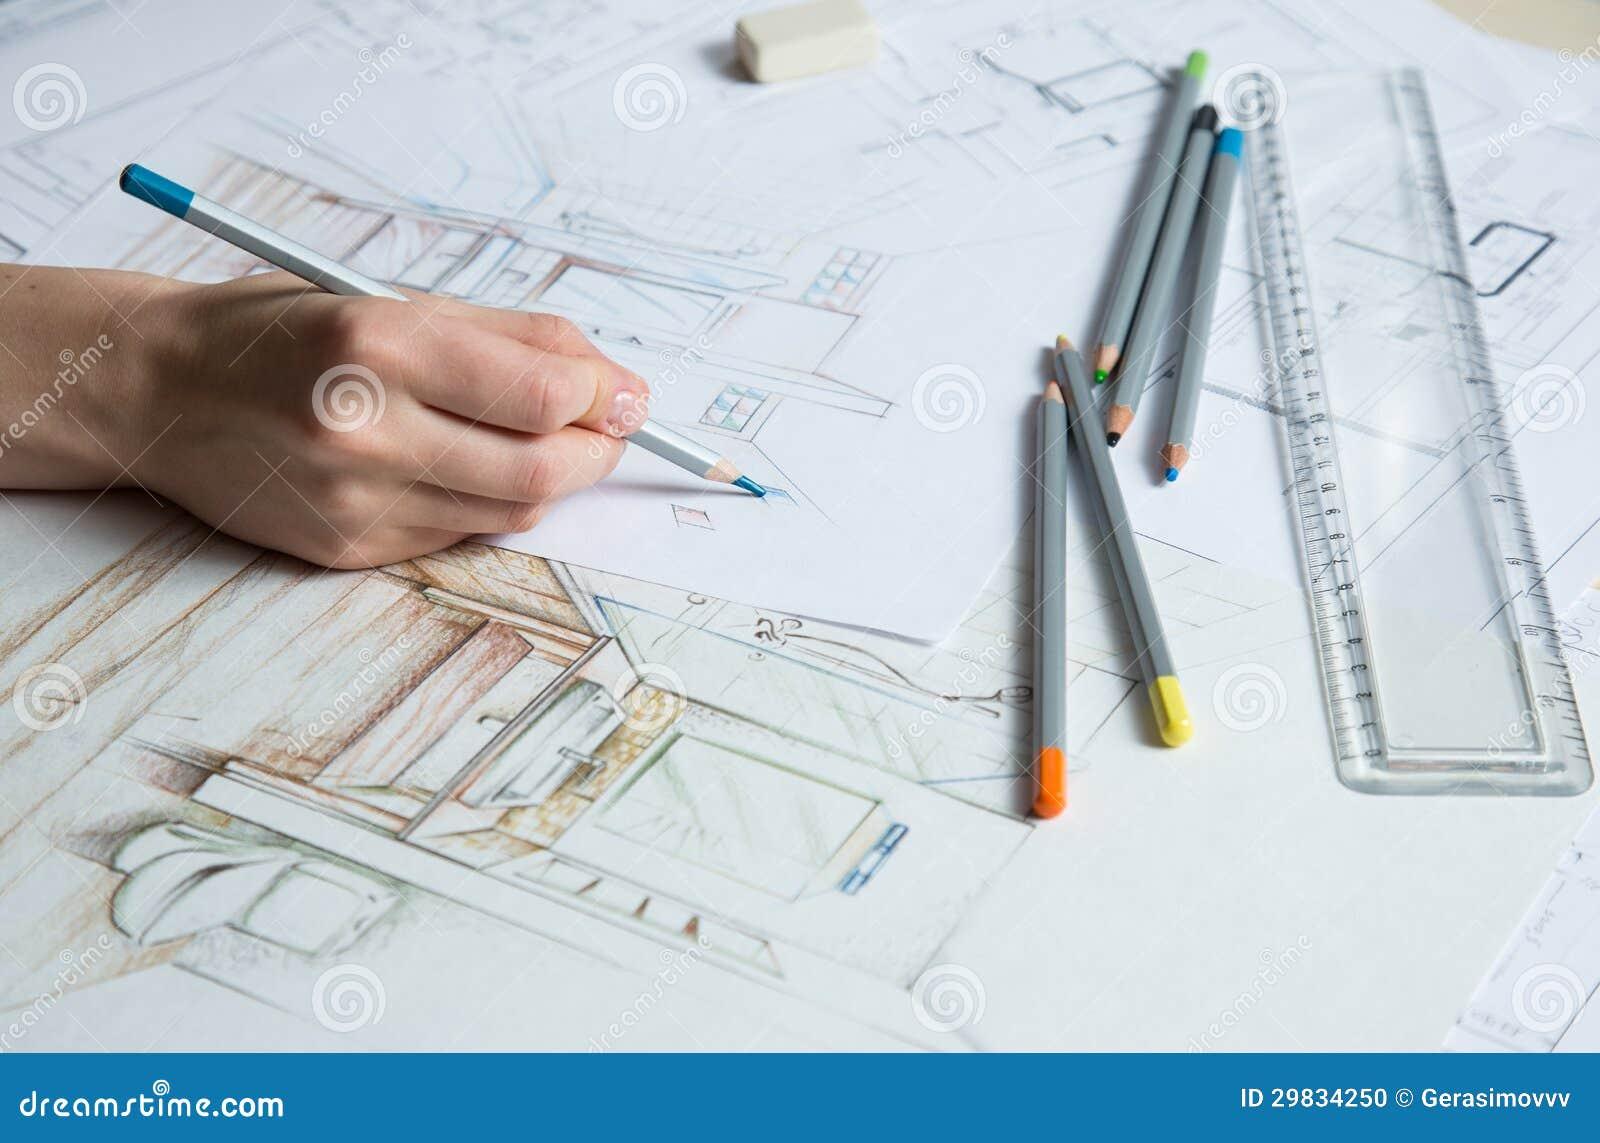 使用颜色铅笔,规则和橡胶,室内设计师在手图画剪影工作.图片